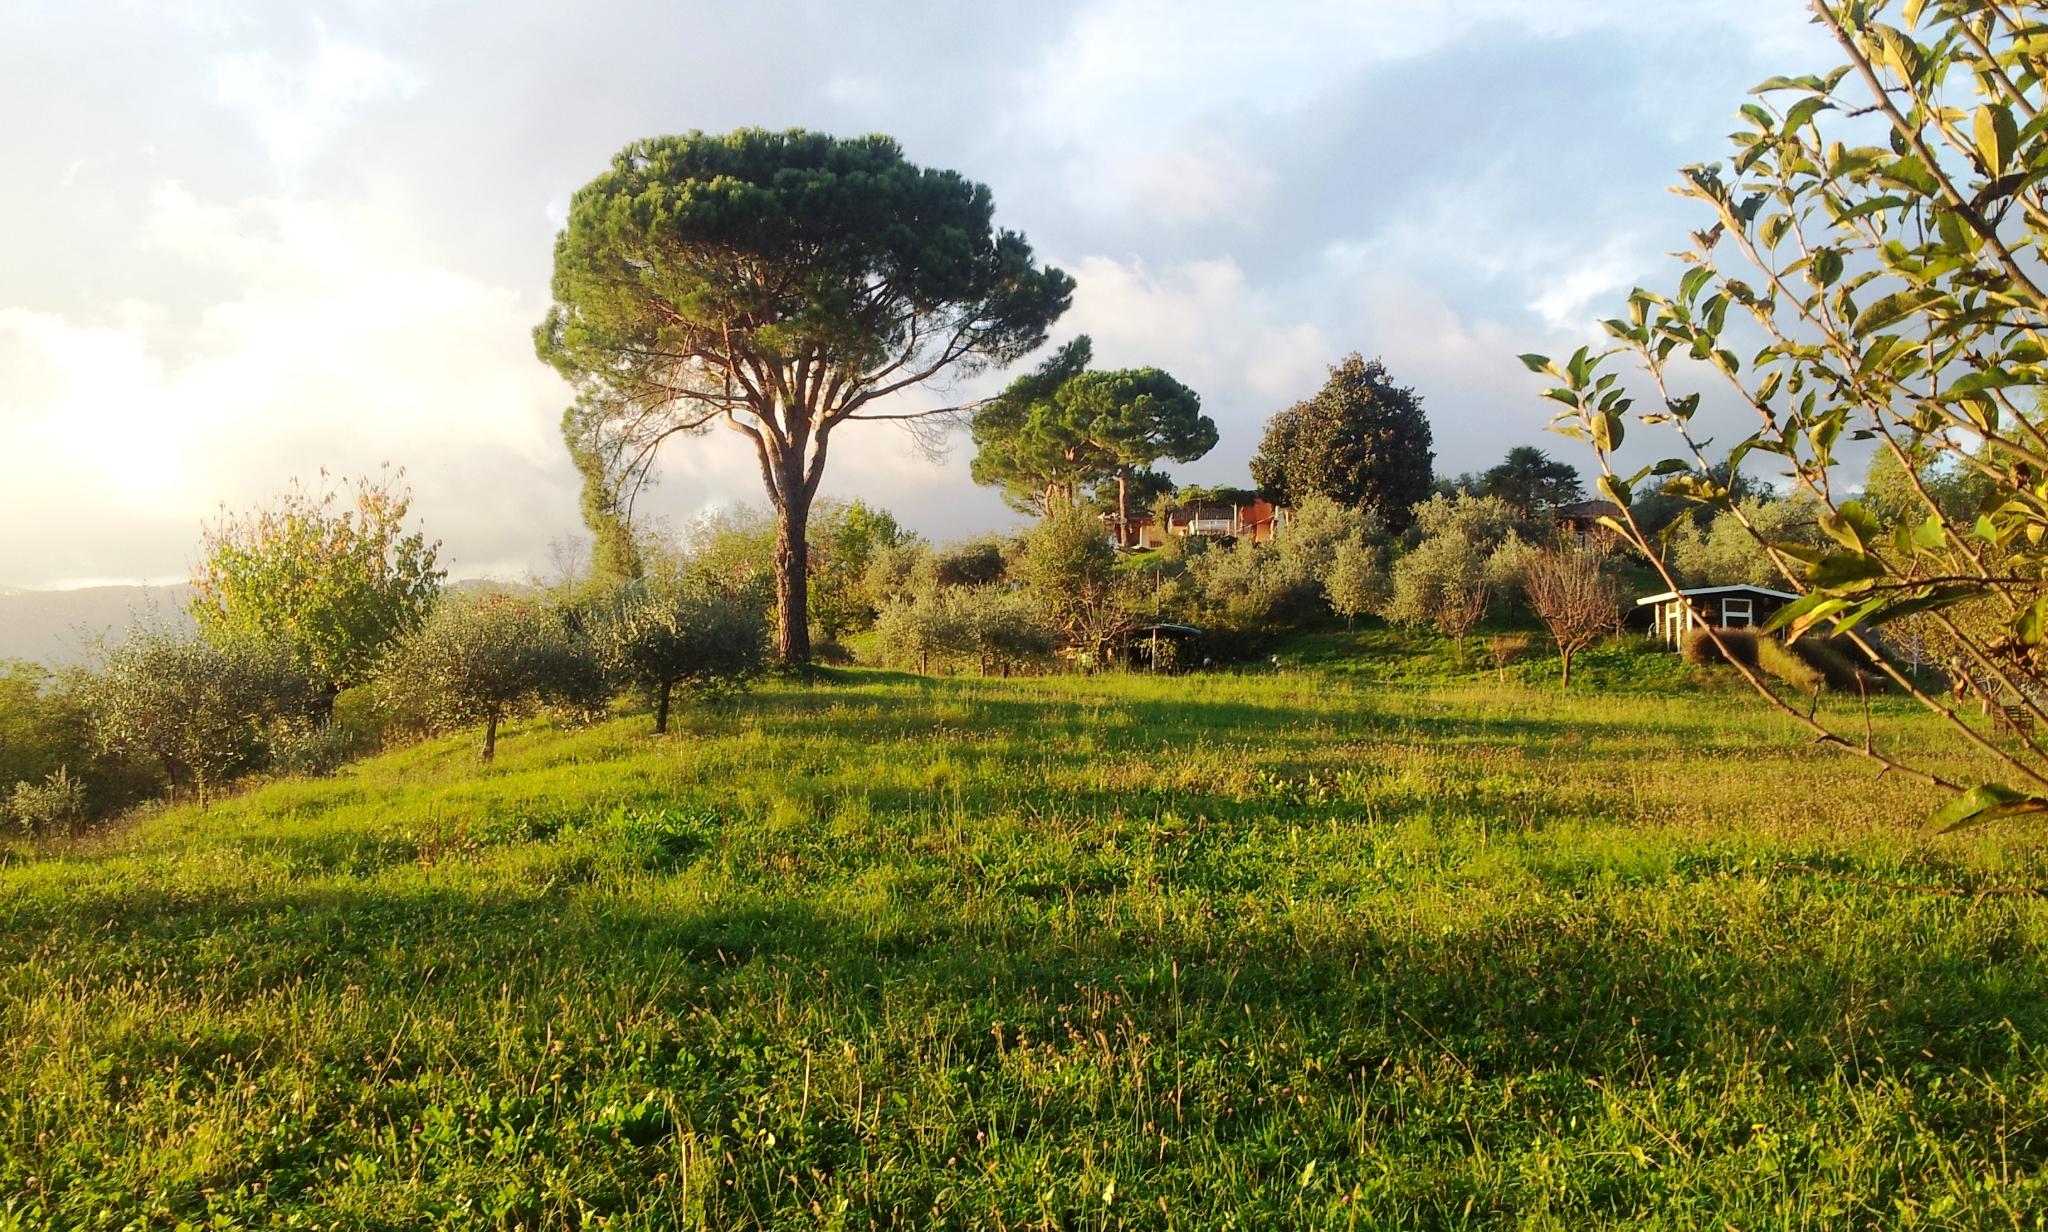 IMPORTANTE VILLA IN ZONA COLLINARE, IN VENDITA NELLE COLLINE LIMITROFE AL BASSANESE - Foto 0 di 6